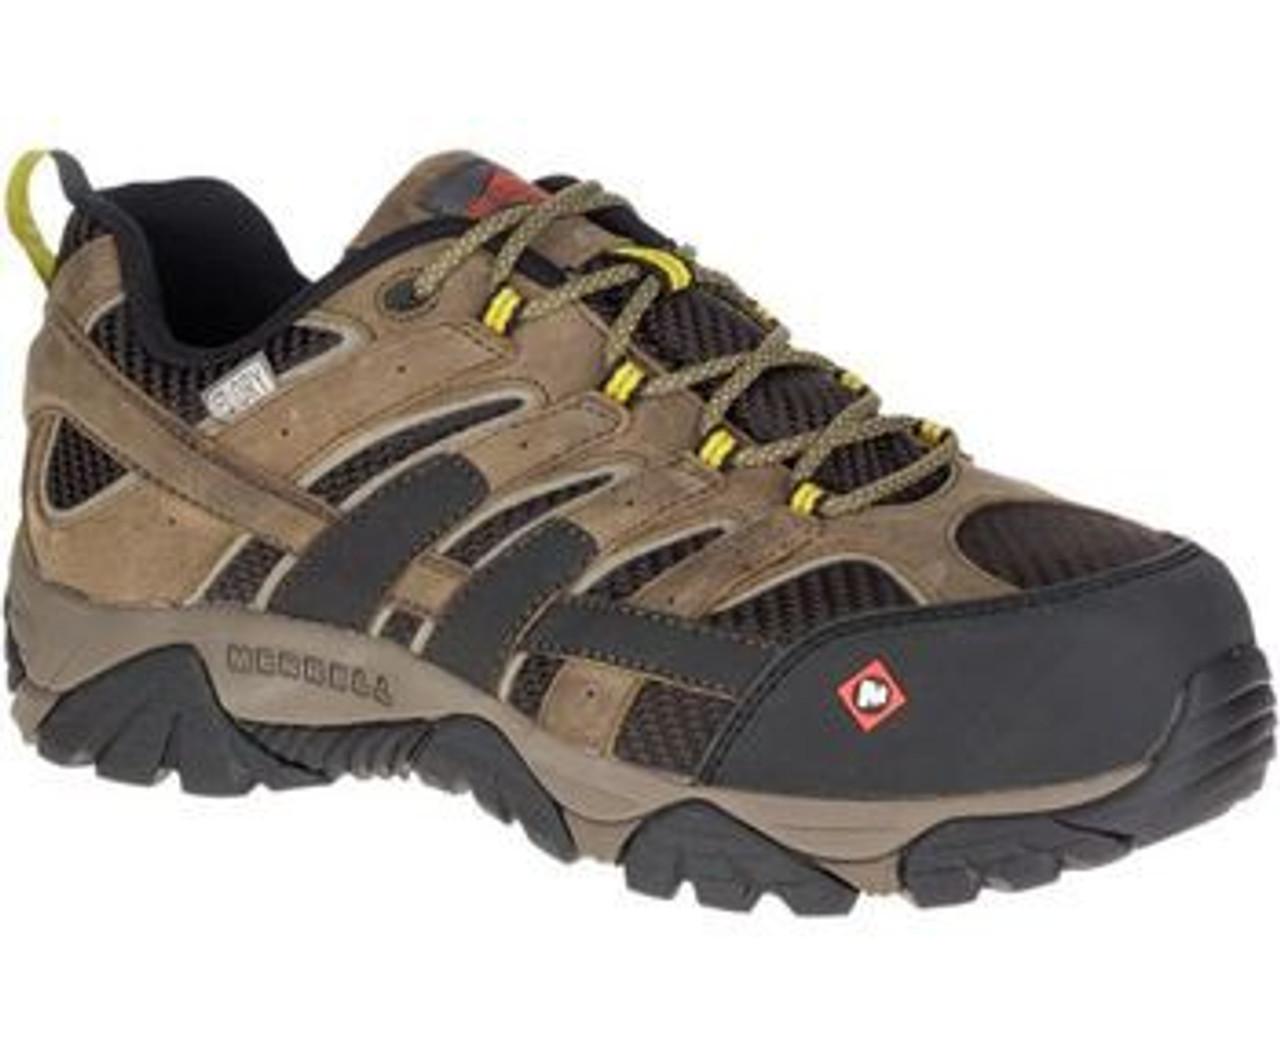 e32f99c1487 Merrell Work Moab 2 Wp Safety Toe Shoe Boulder 15773